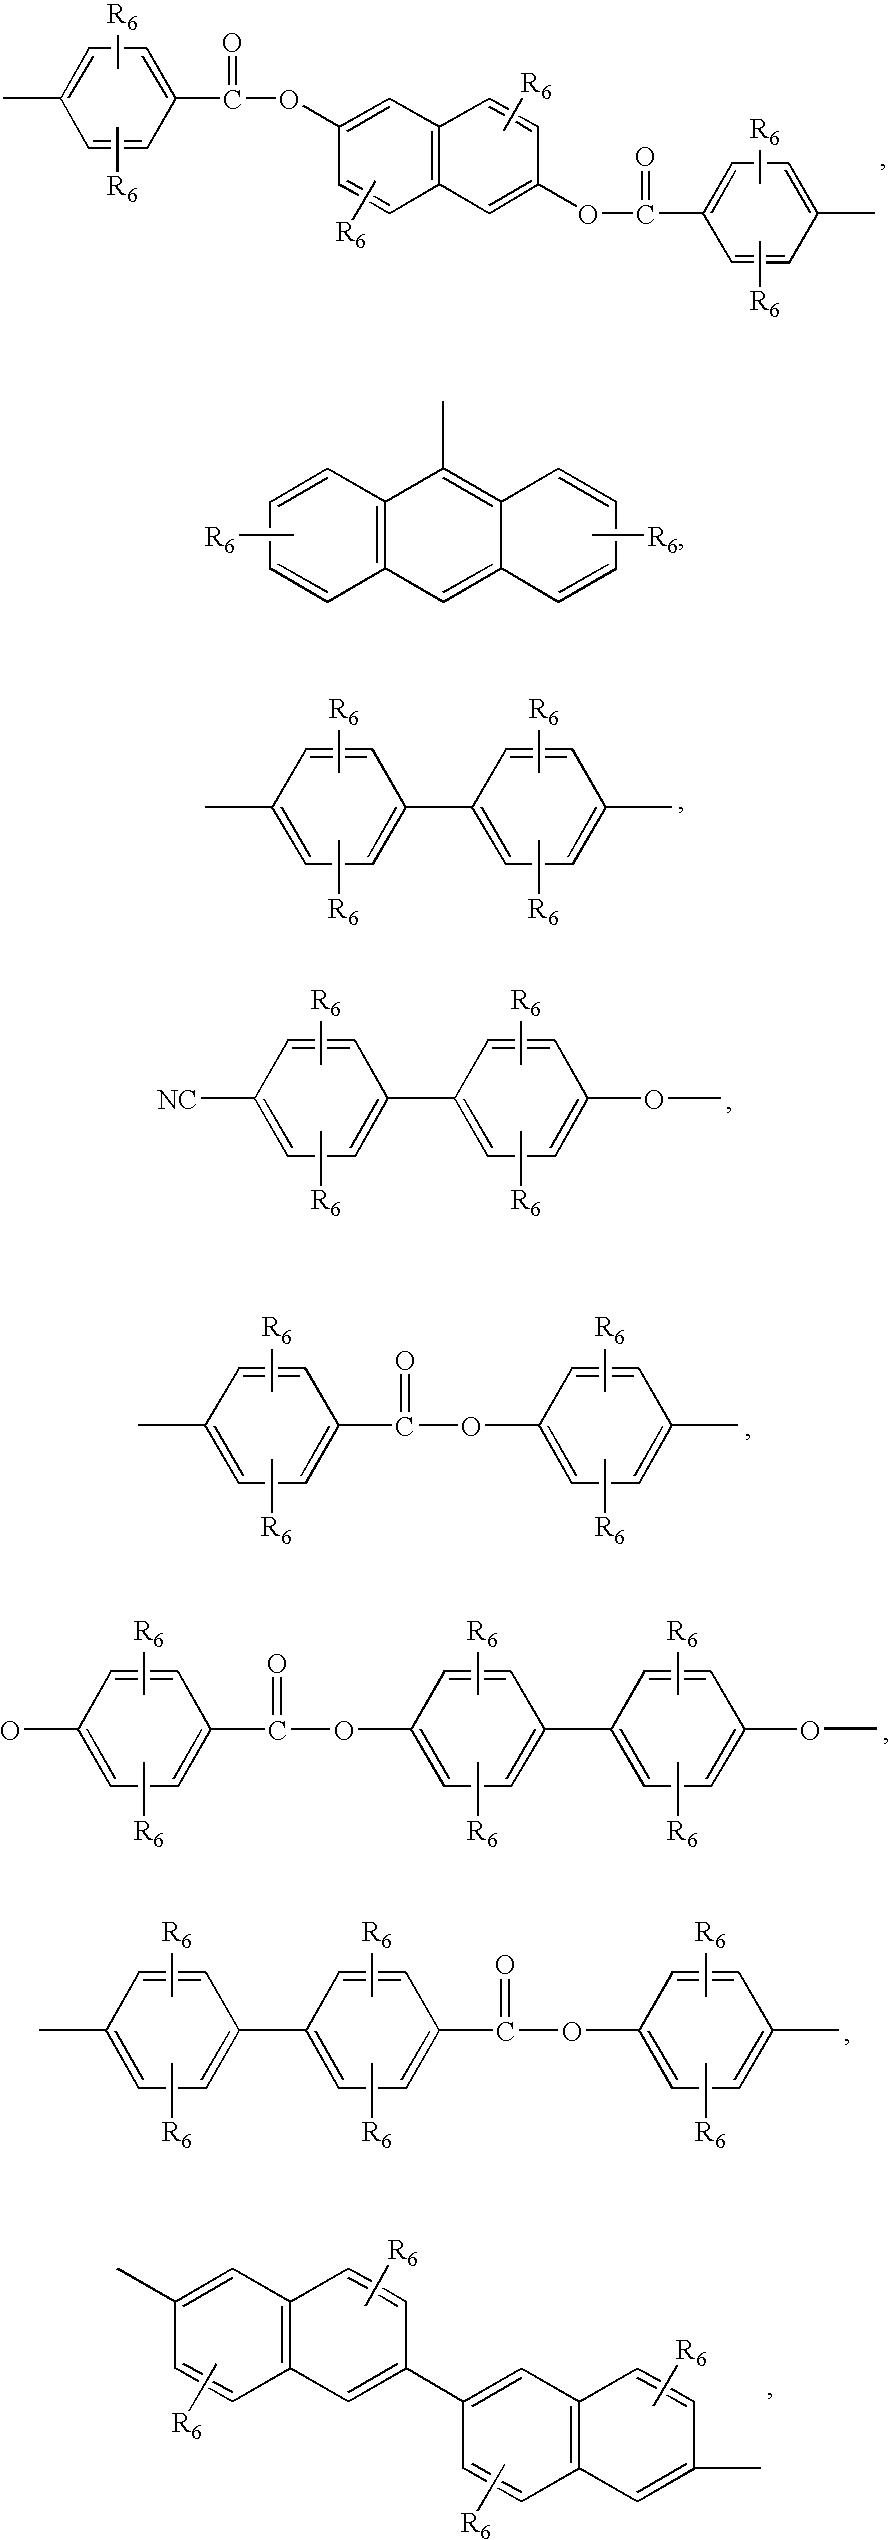 Figure US20090069533A1-20090312-C00028